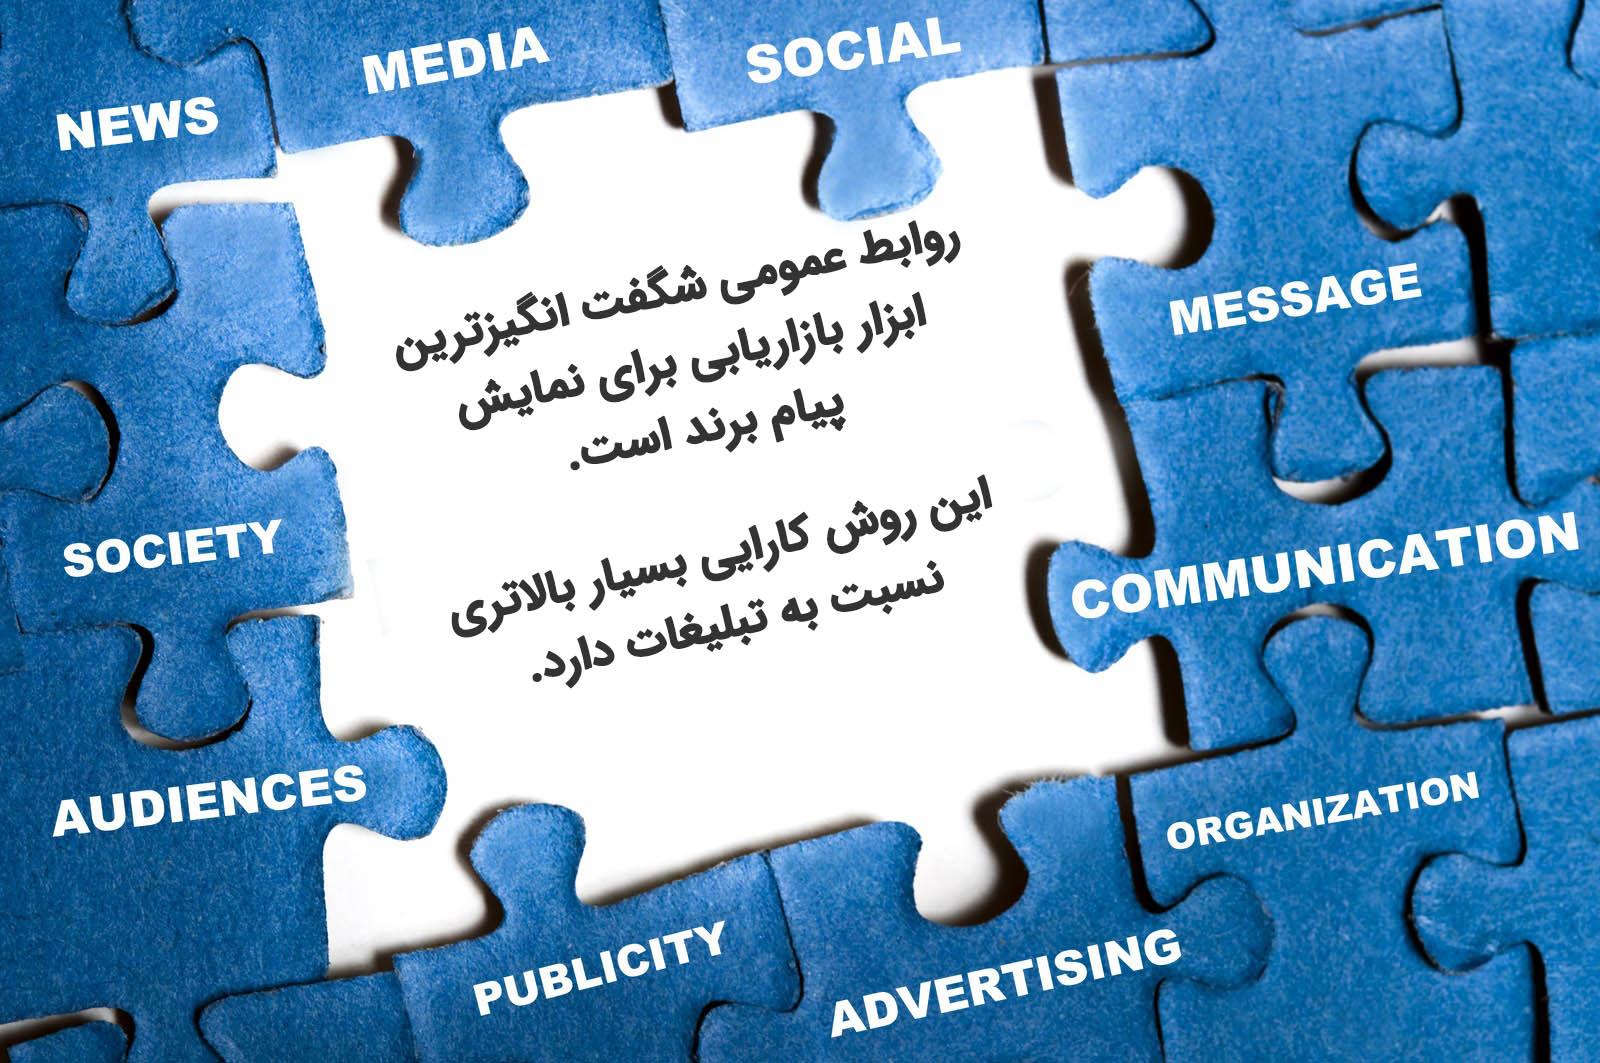 نقش روابط عمومی در بازاریابی و تبلیغات